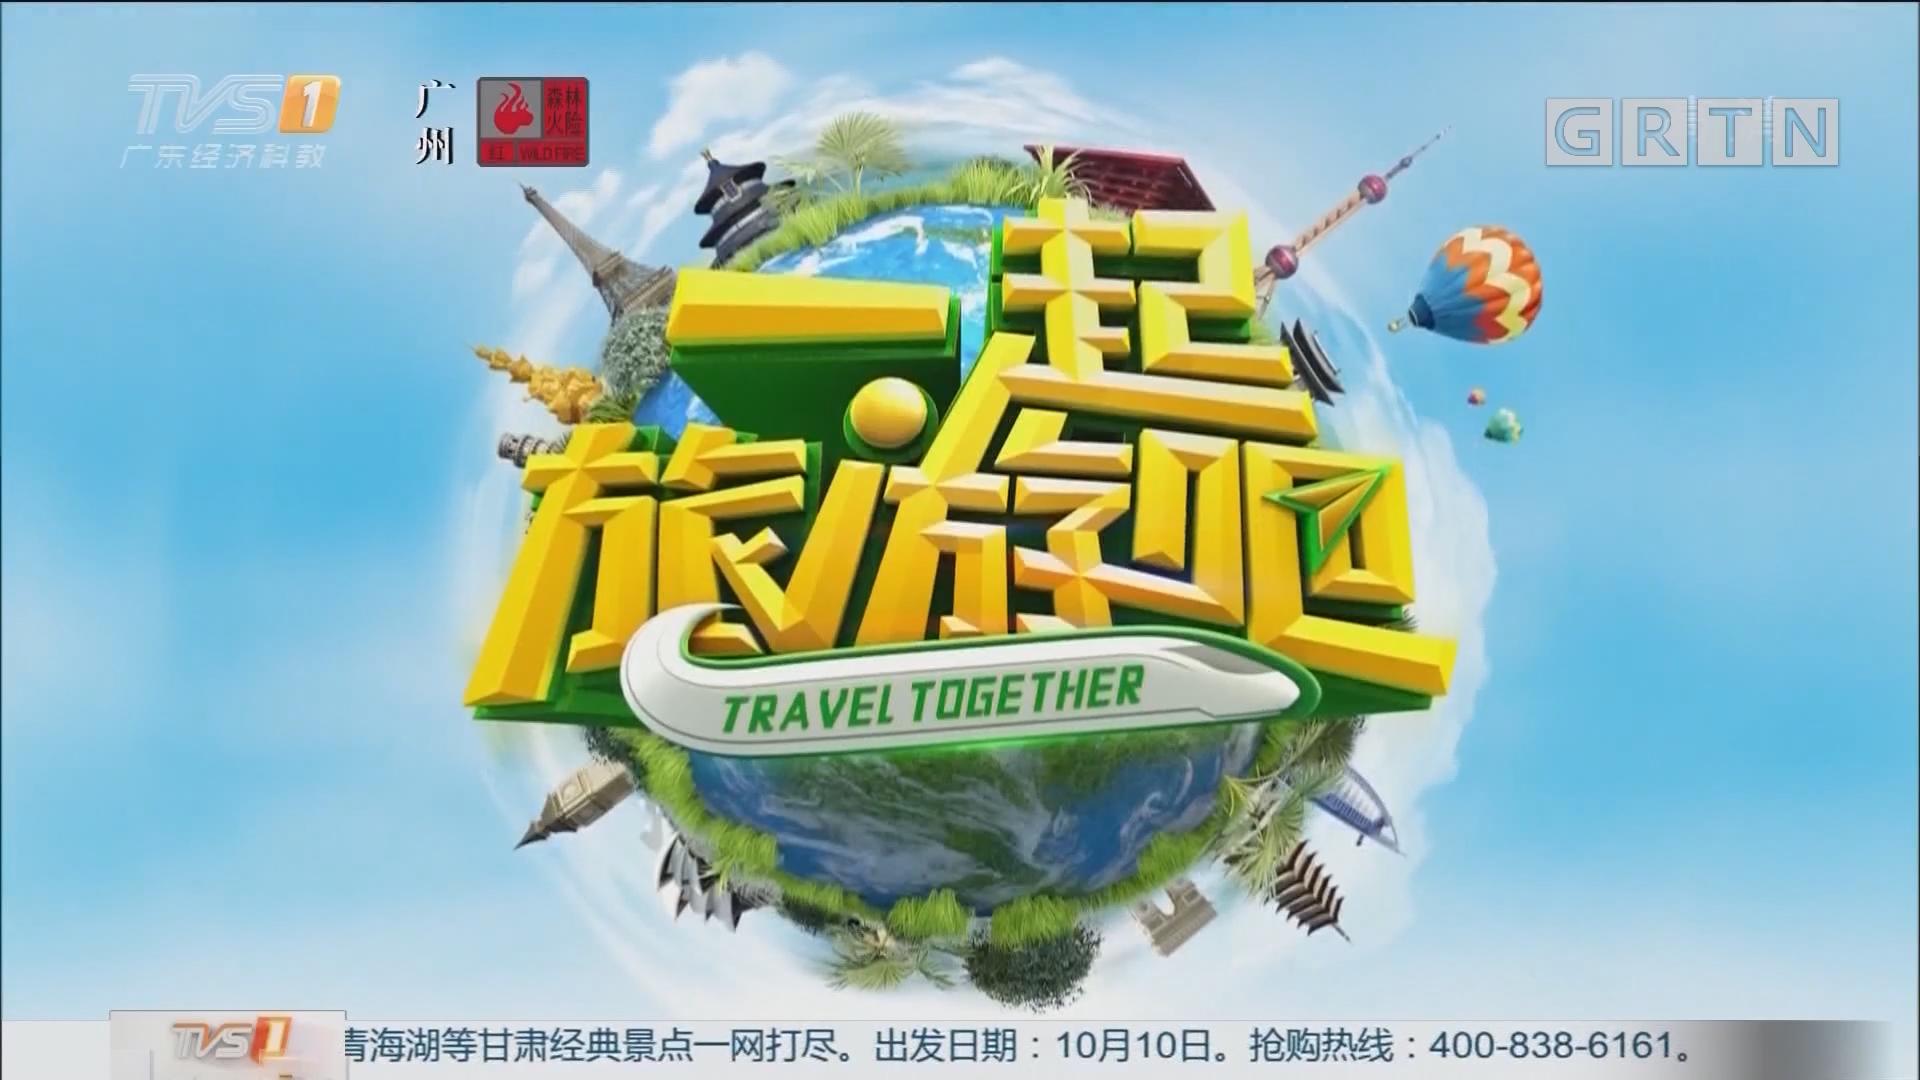 [HD][2019-10-05]一起旅游吧